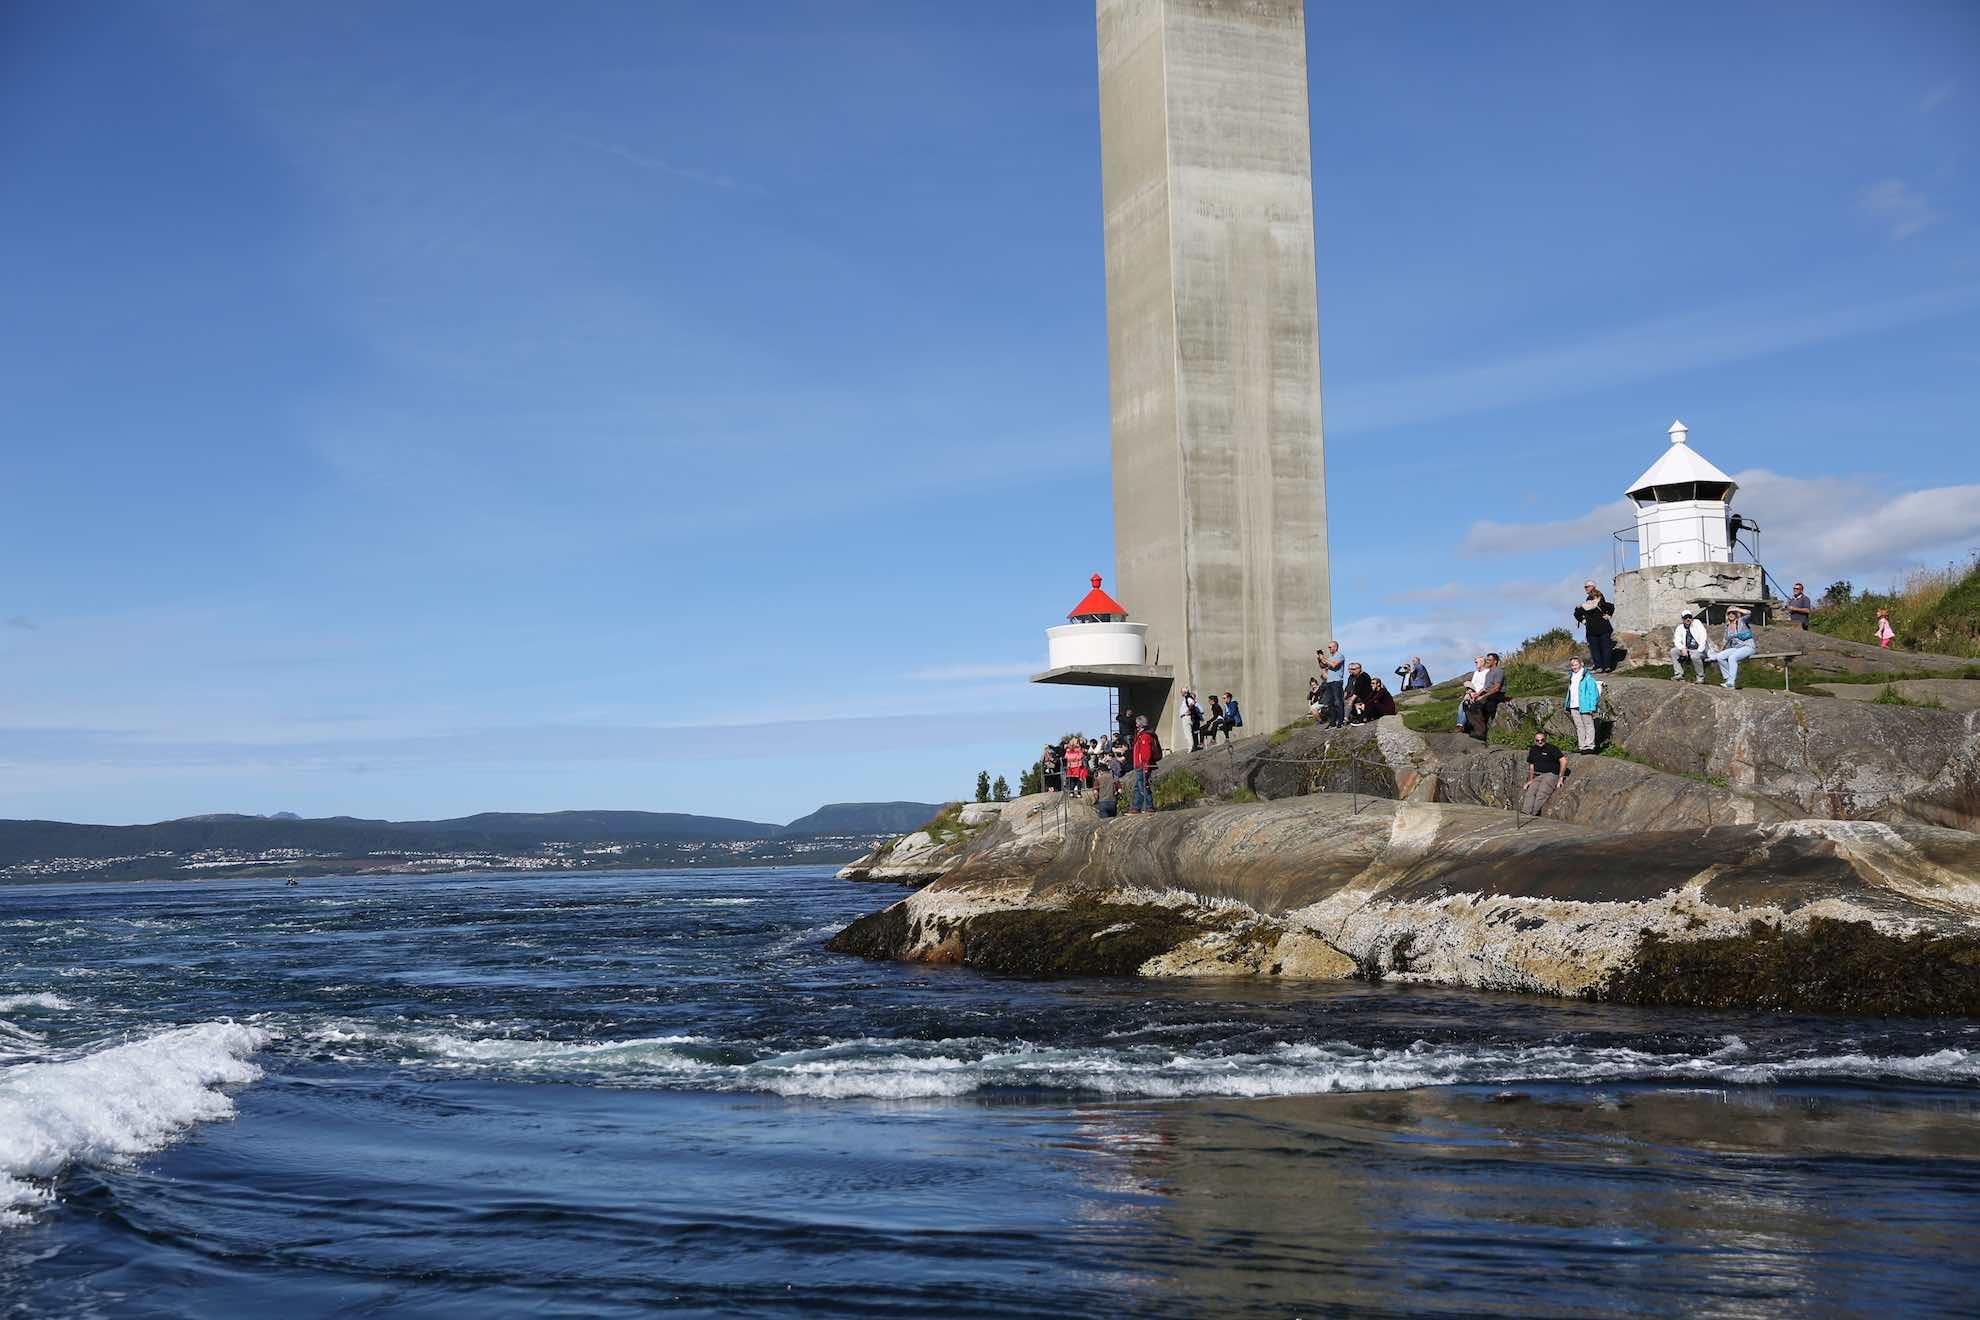 Gezeitenbedingt entstehen hier gewaltige Strudel zwischen den Inseln Straumøy und Knaplundsoya.